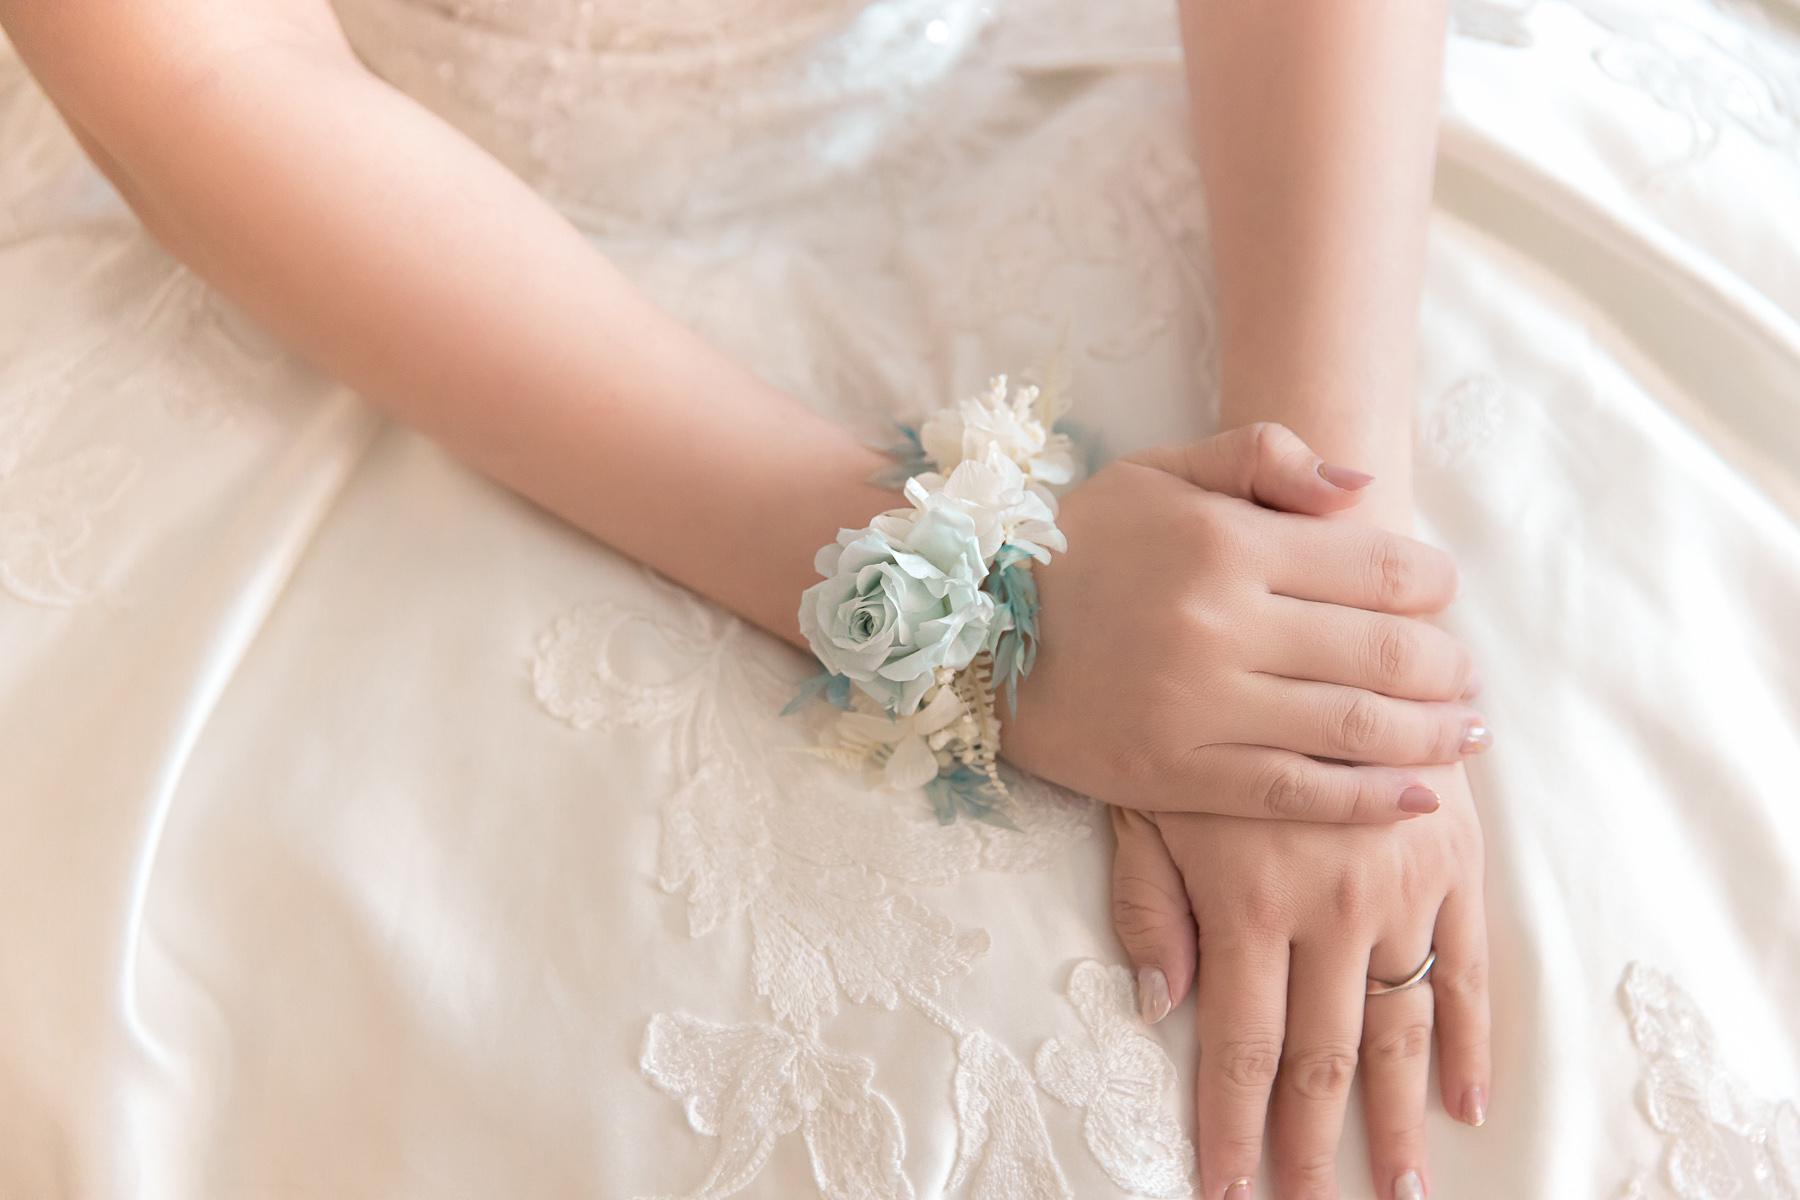 新秘Yuki,新娘手腕花,鮮花新秘, 永生花花手腕花,不凋花飾品,不凋花手腕花